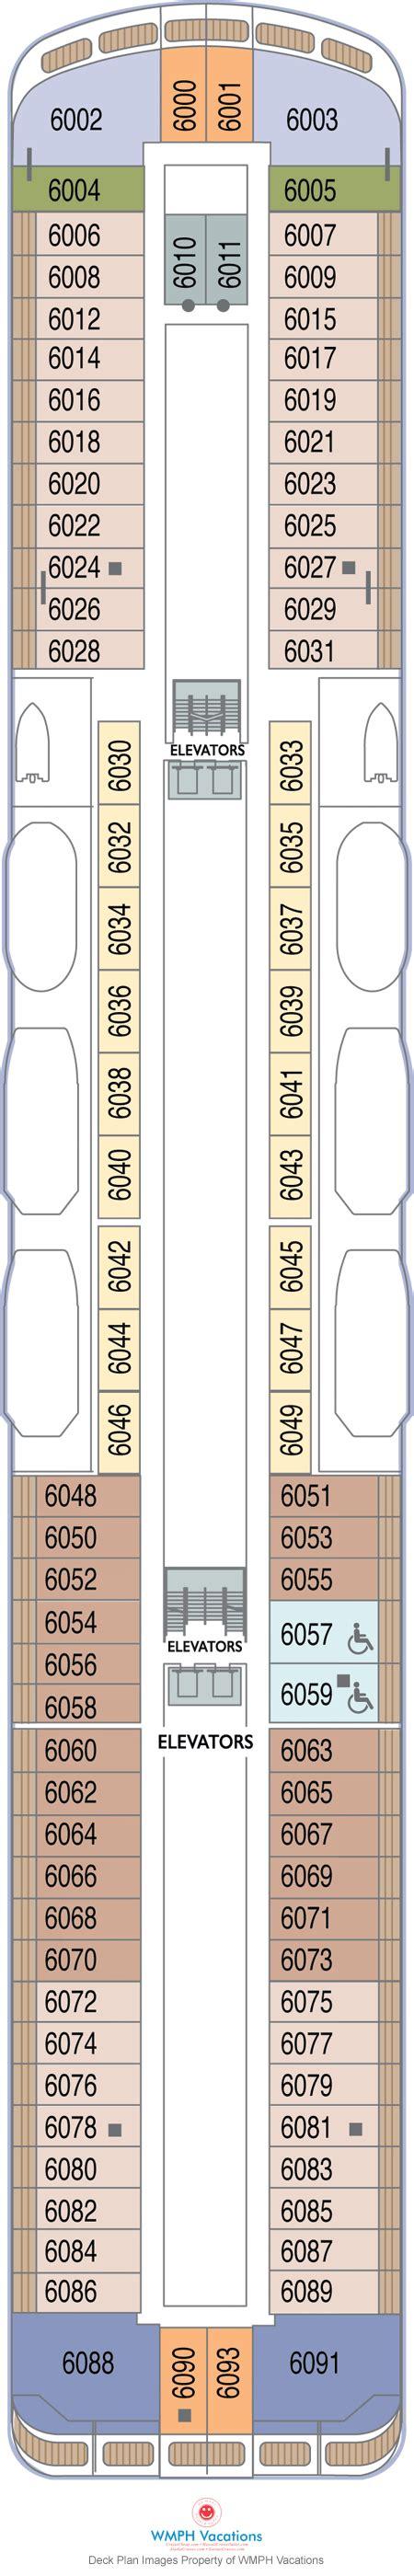 Azamara Journey Deck Plan 2016 by Azamara Journey Deck Plans Deck 6 What S On Deck 6 On